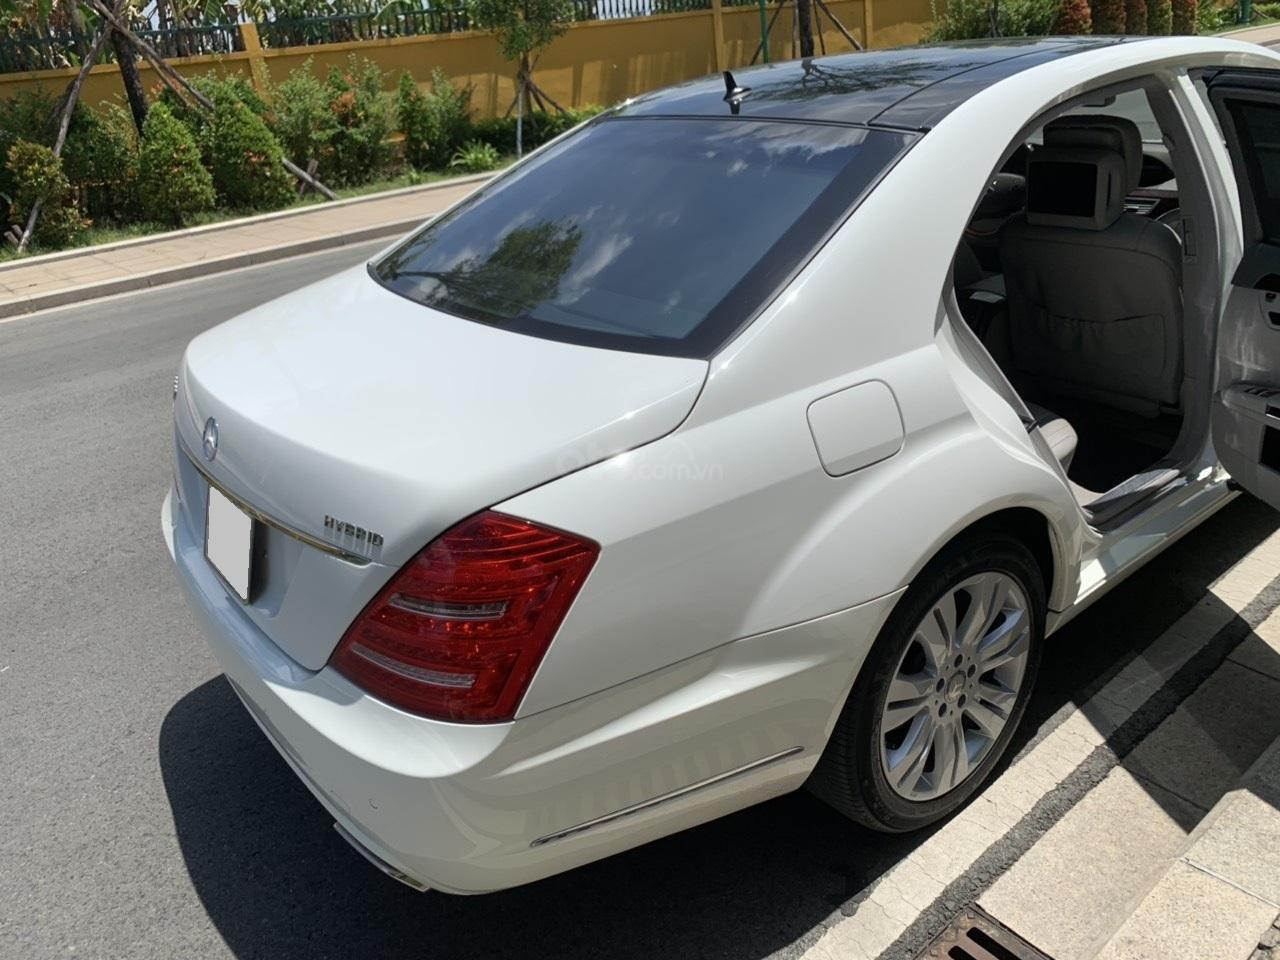 Mercedes S400 Hybrid 2012 nhập khẩu màu trắng, nội thất kem-15